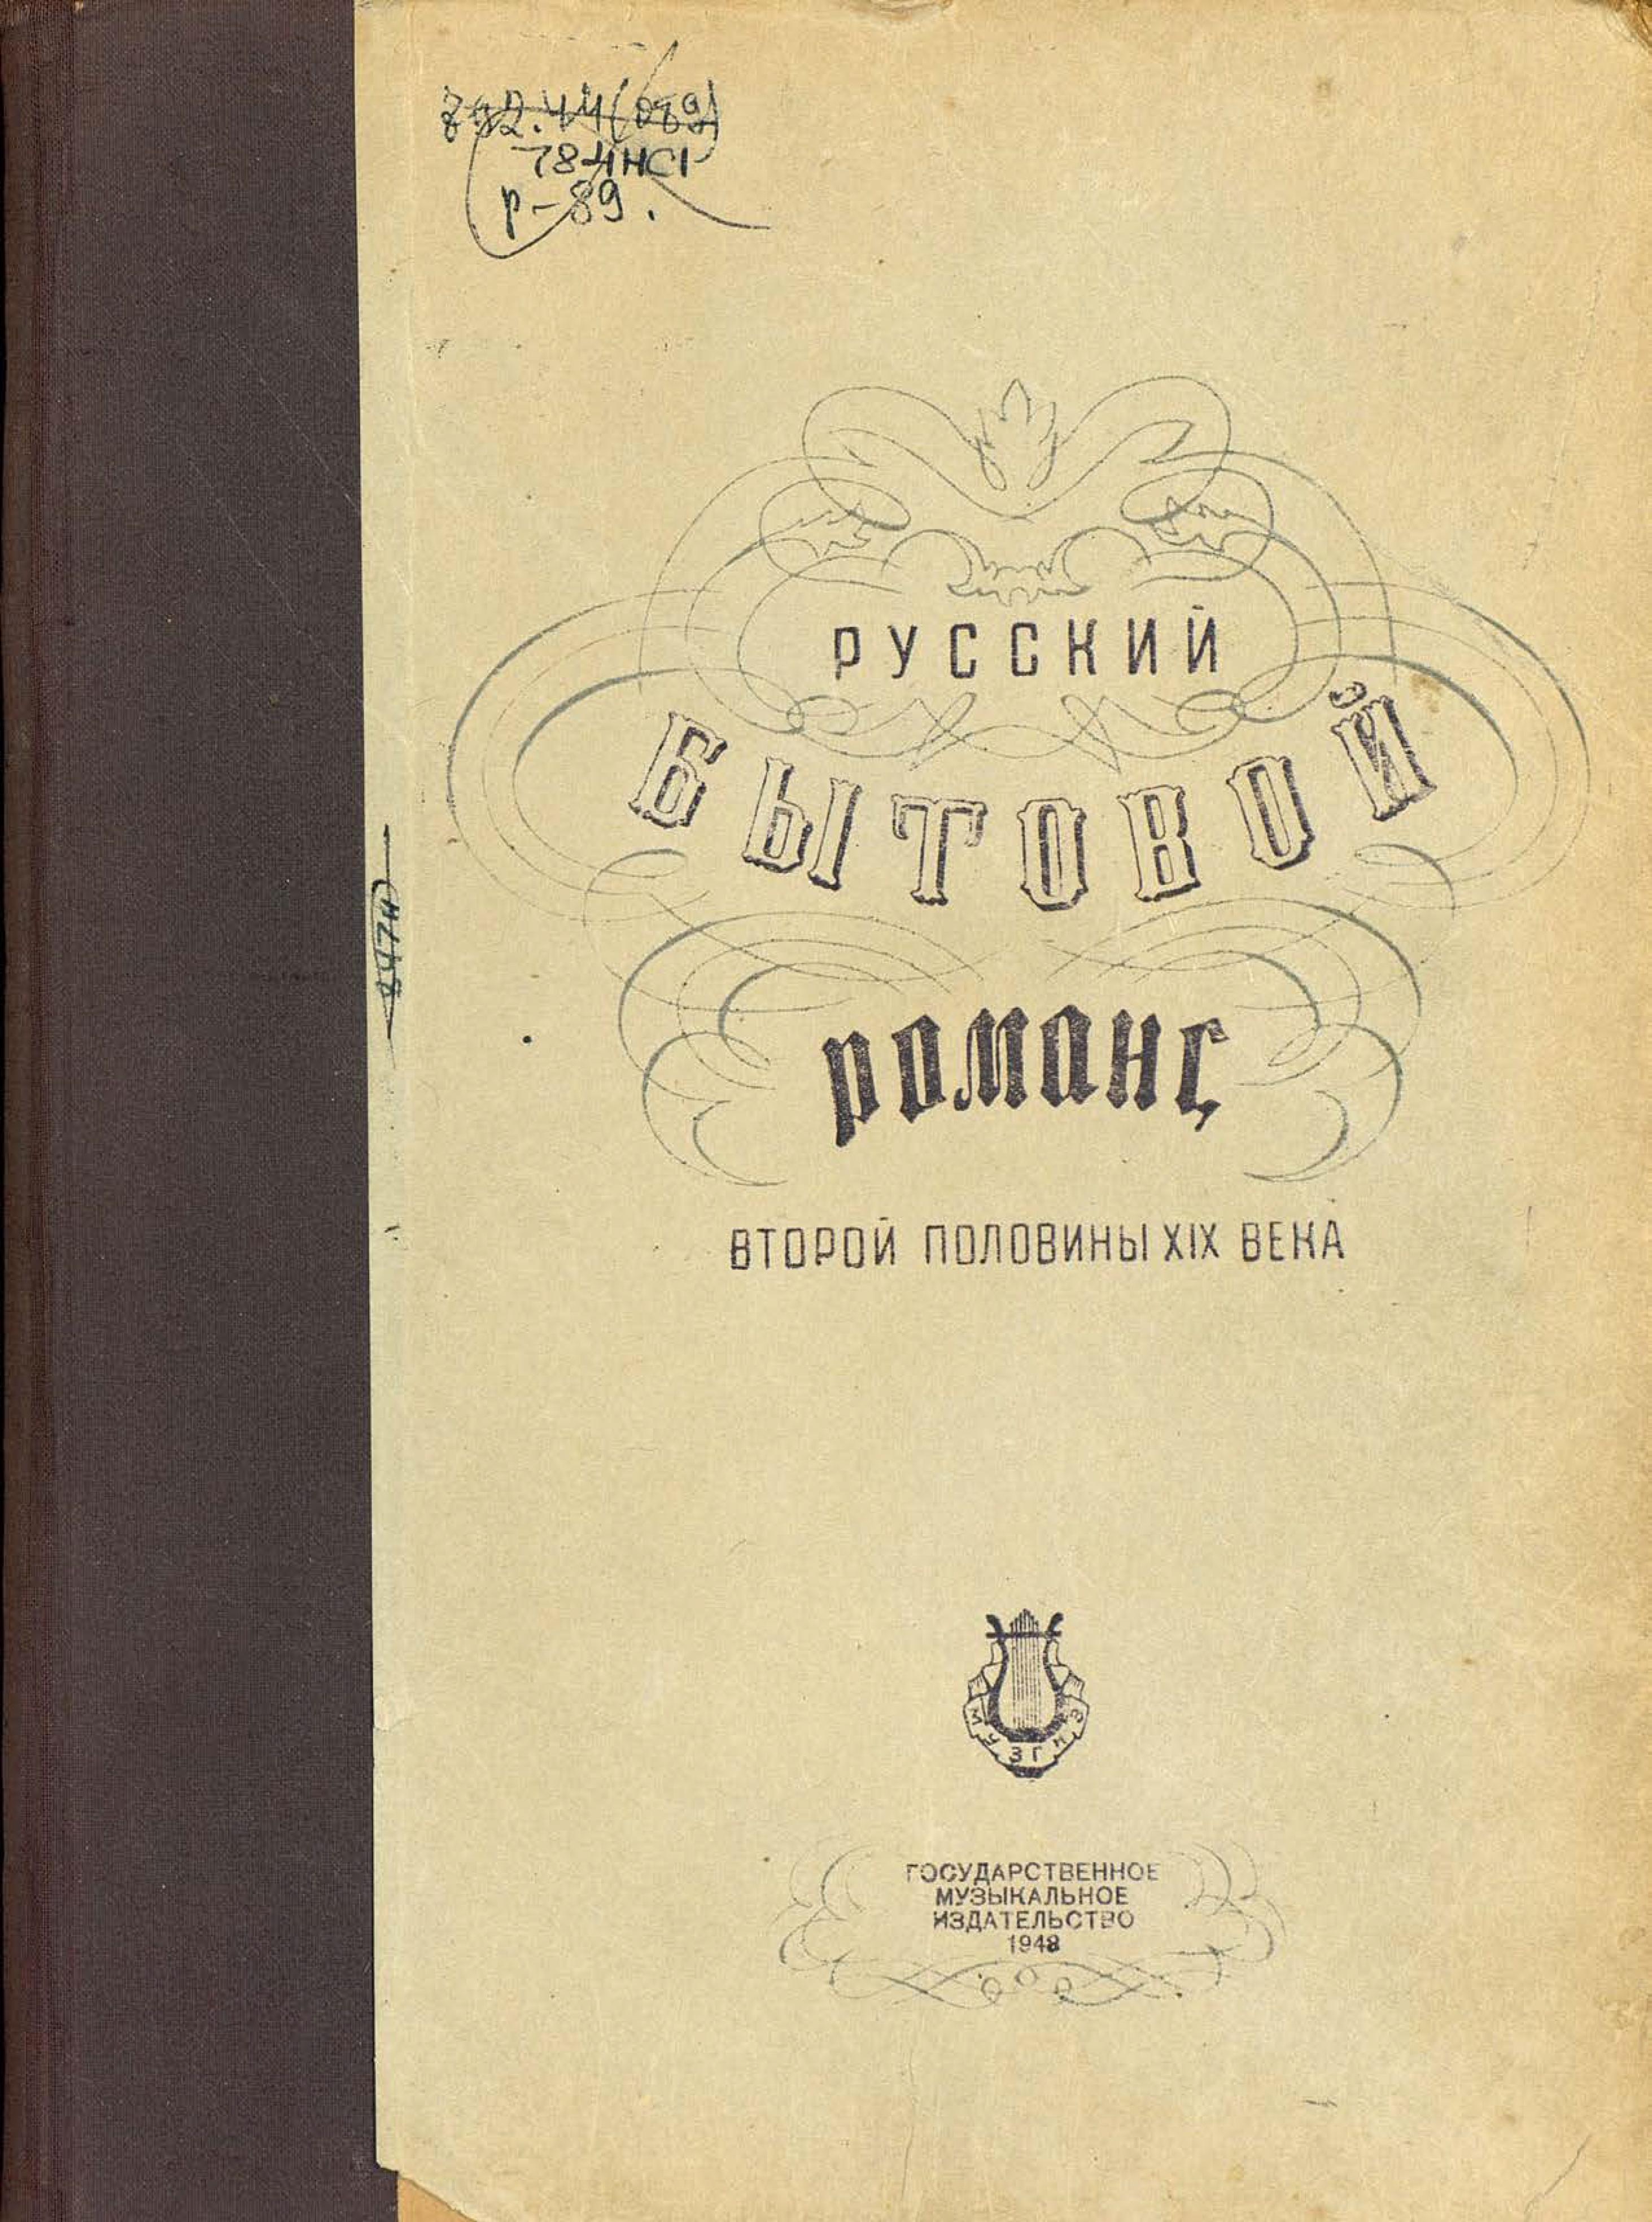 цена на Народное творчество Русский бытовой романс второй половины XIX века